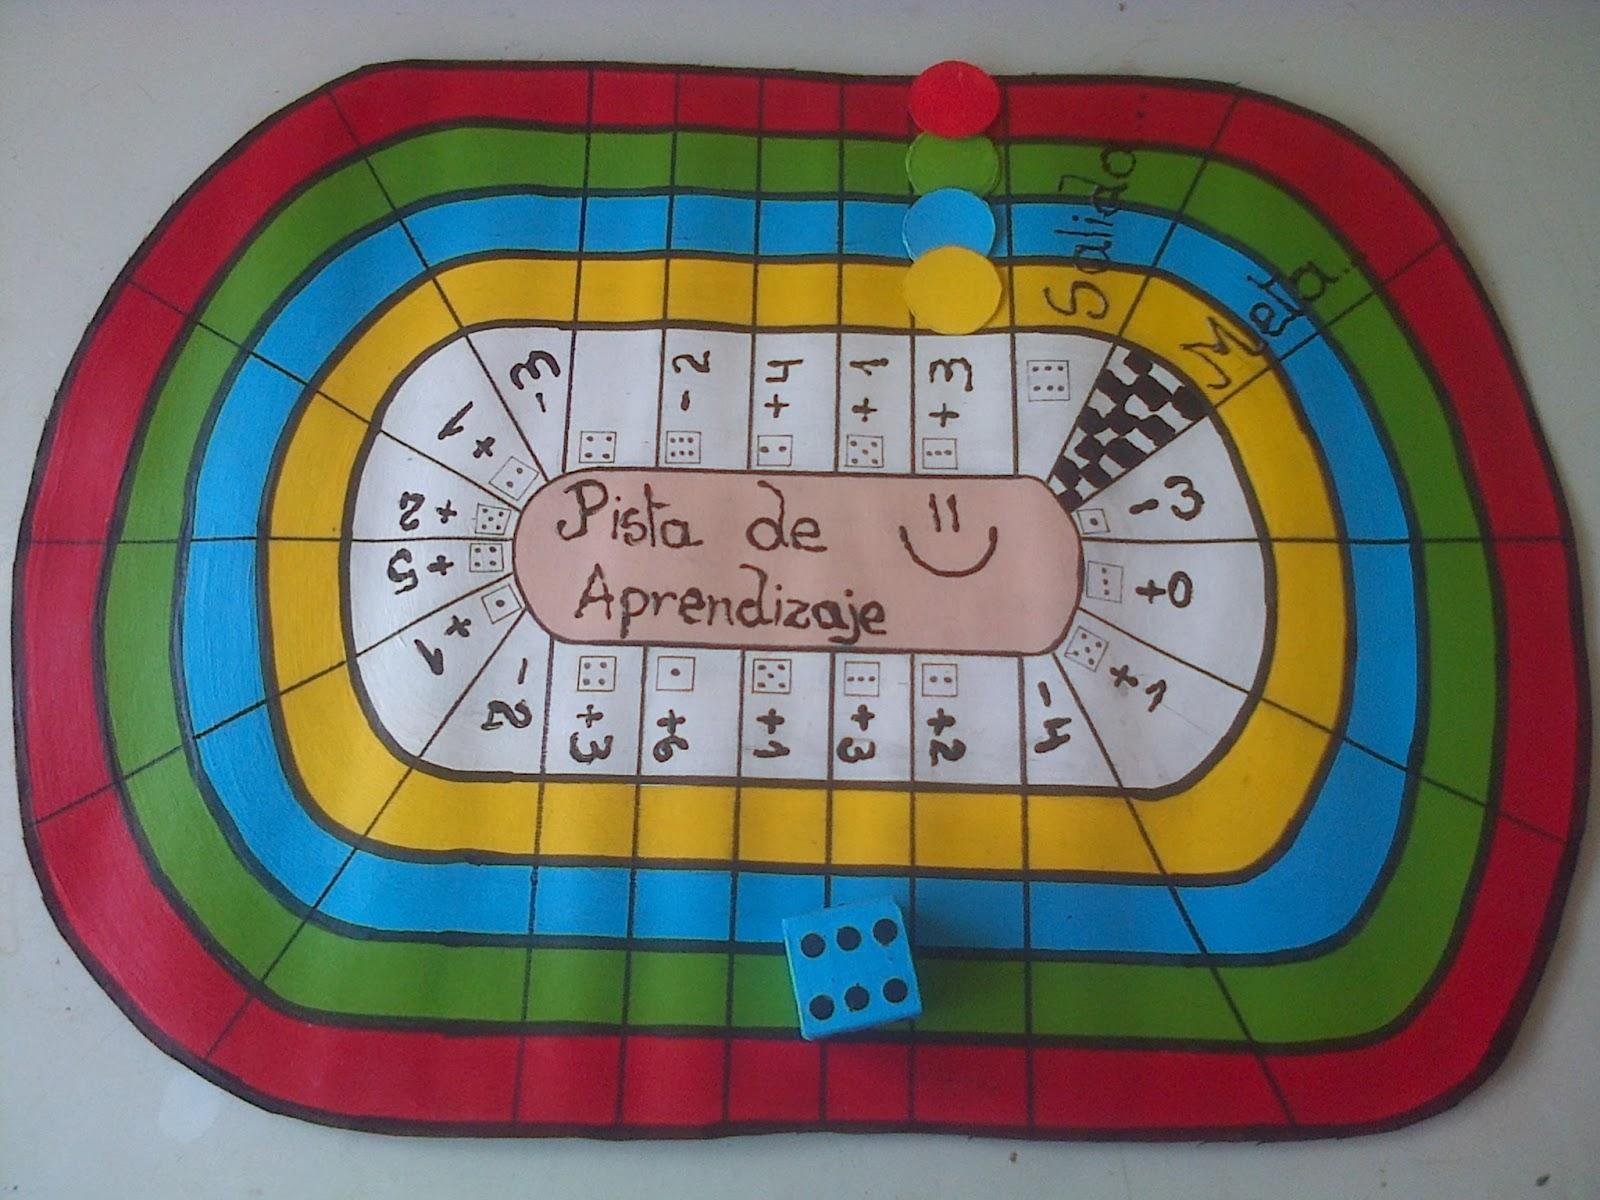 Diseno Juego Didactico Blog Matematicas Grupo10 C 2013 Upel